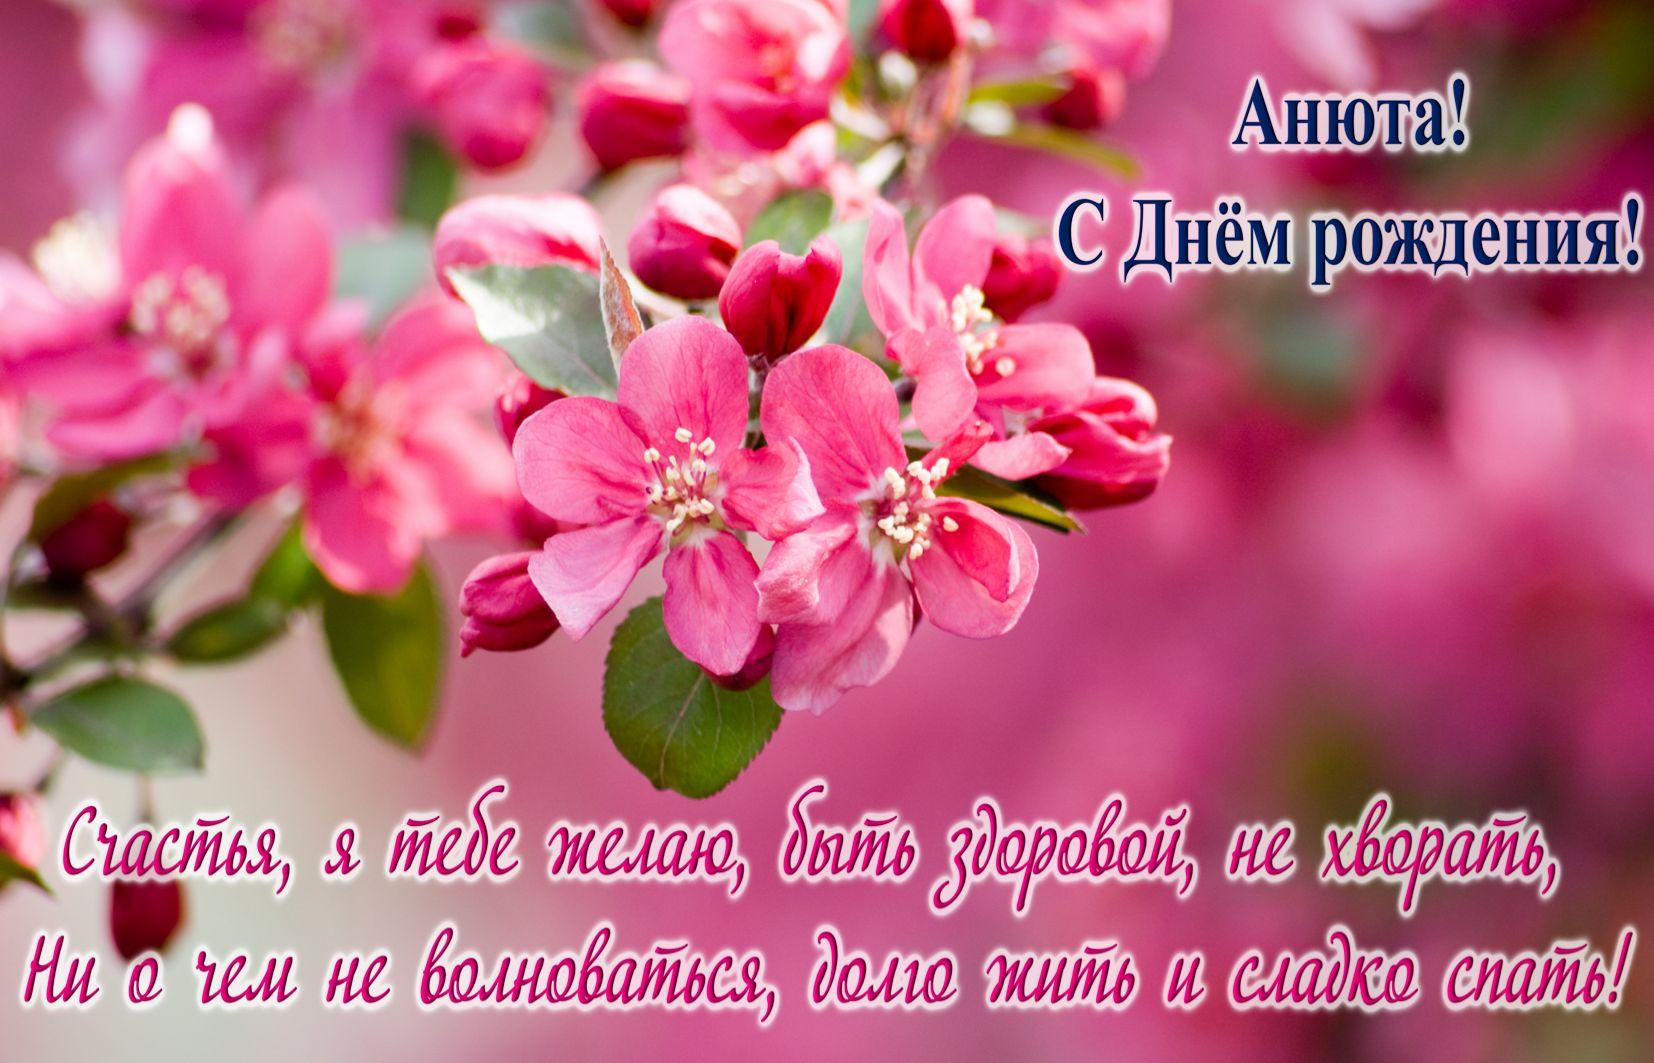 Поздравления с днем рожденья аню